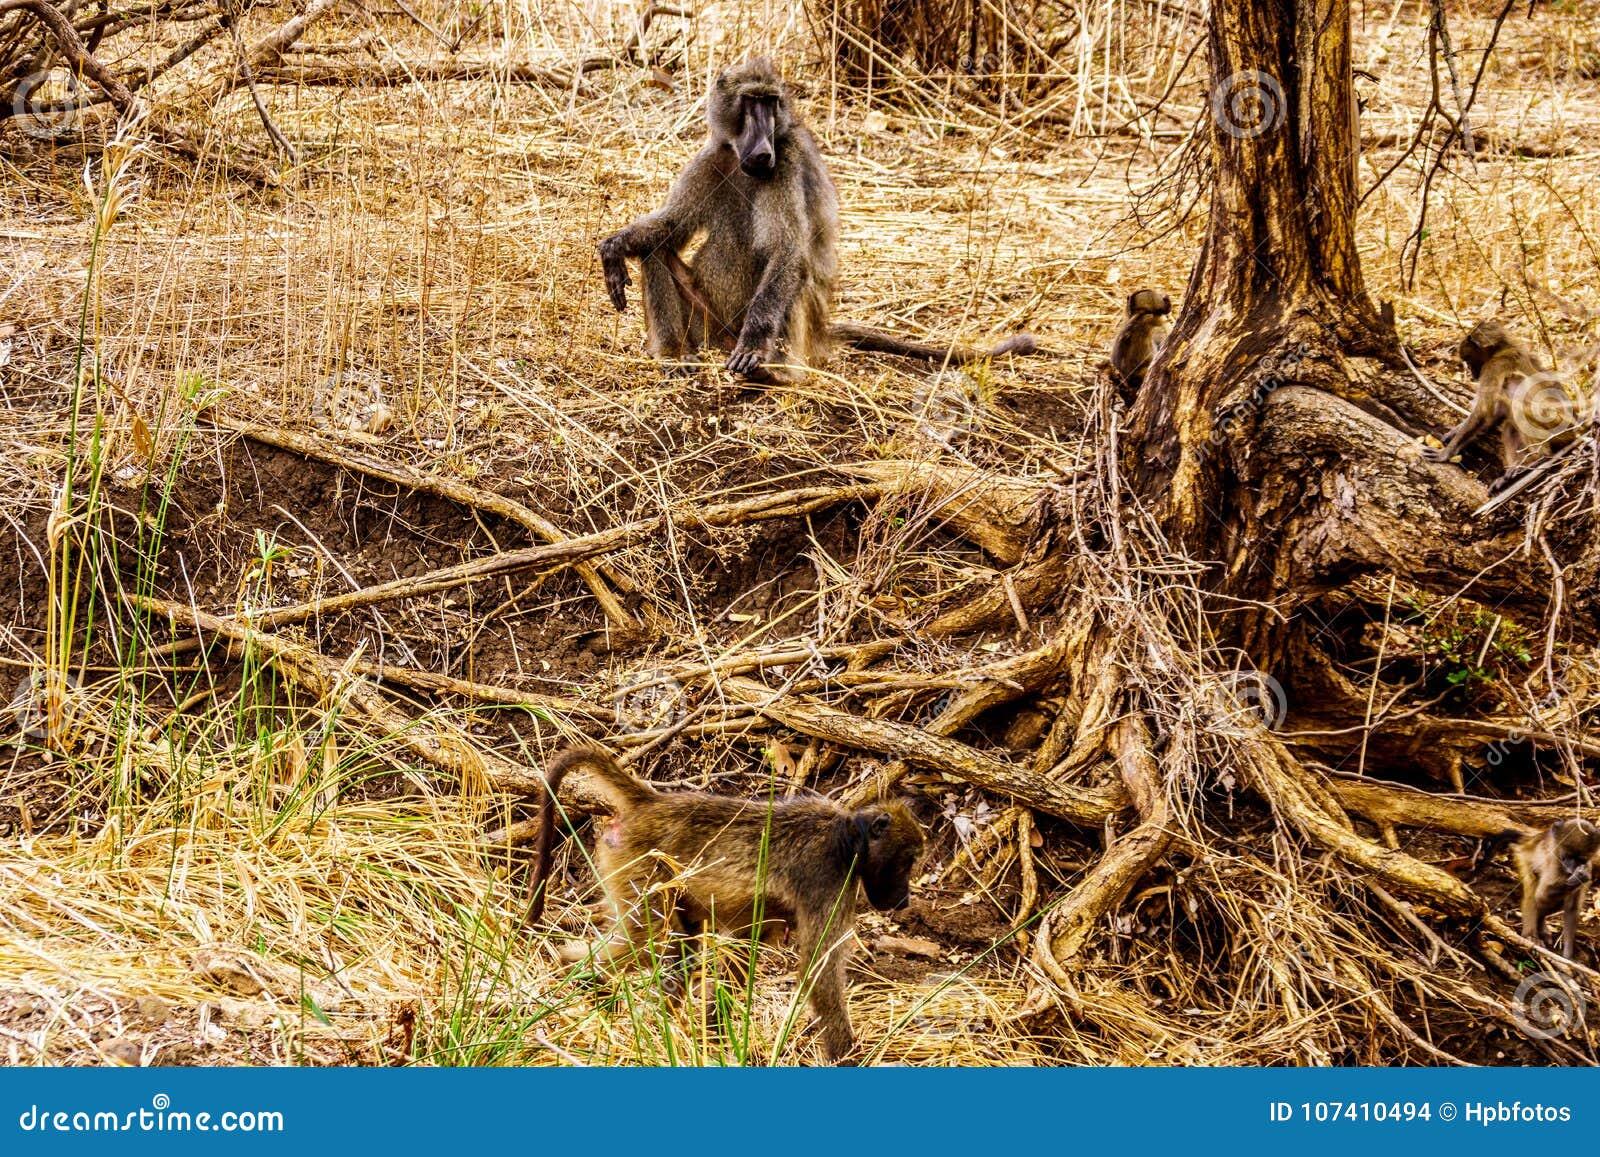 Stor manlig babian med unga babianer i torka slåget område av den centrala Kruger nationalparken